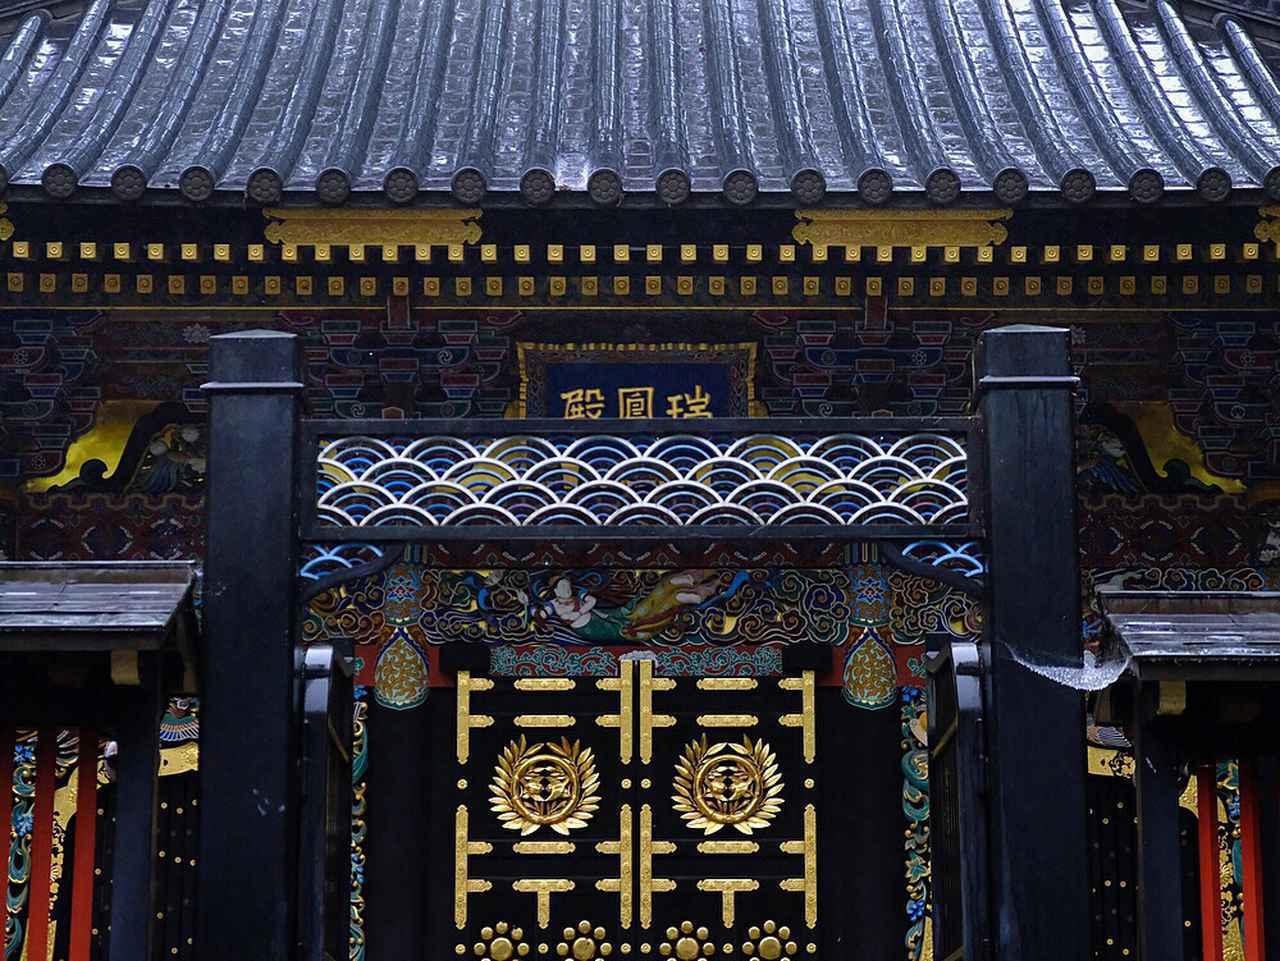 画像: 昭和6(1931)年に国宝指定されましたが戦火により焼失し、その後再建されました。